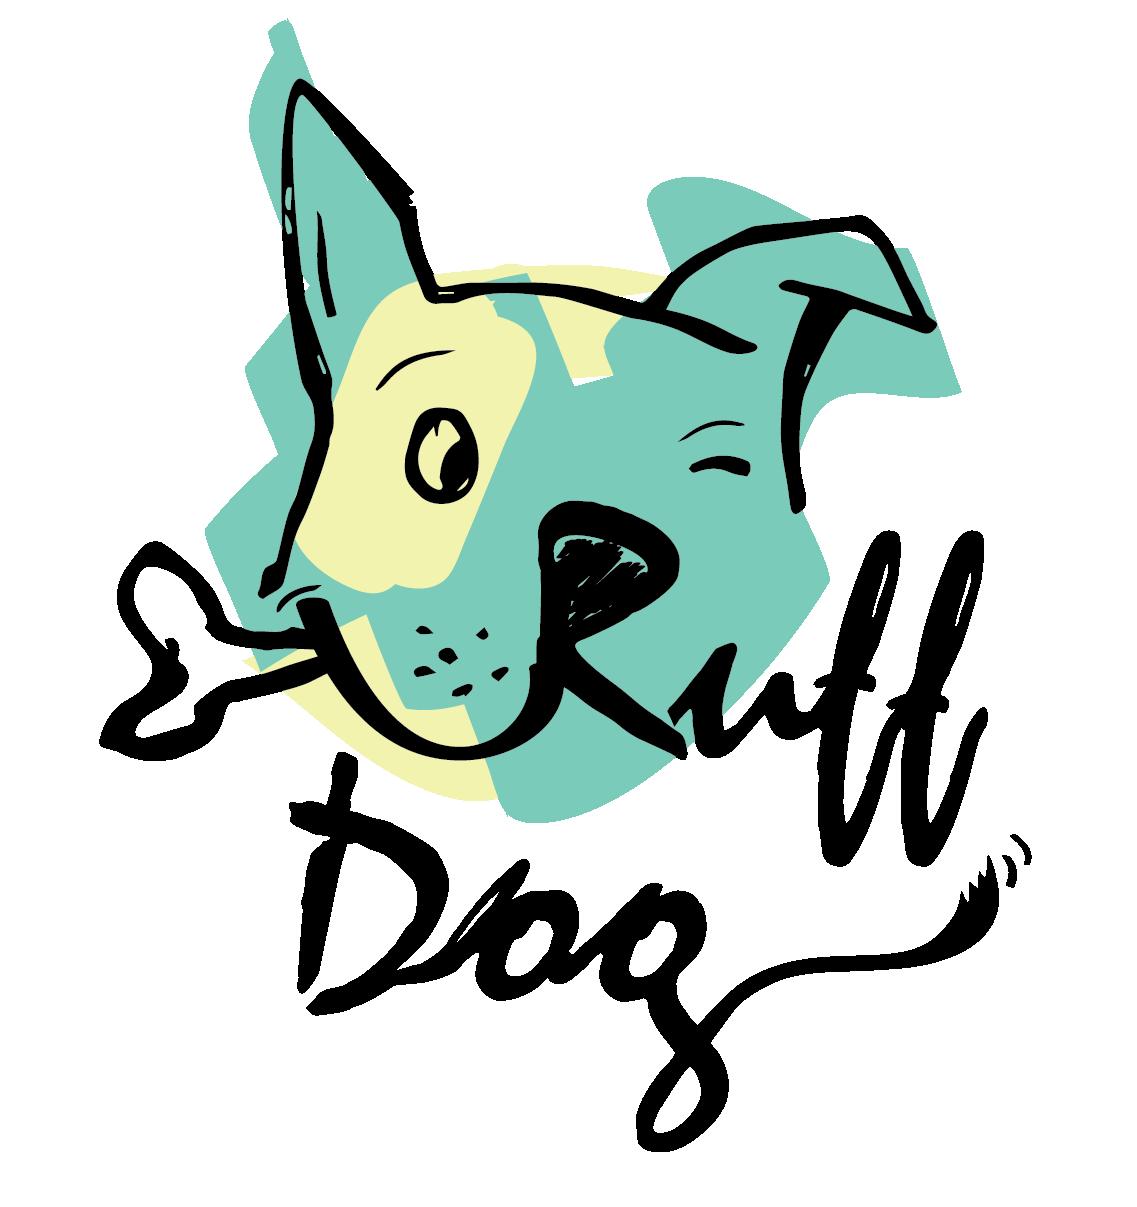 Ruff Dog